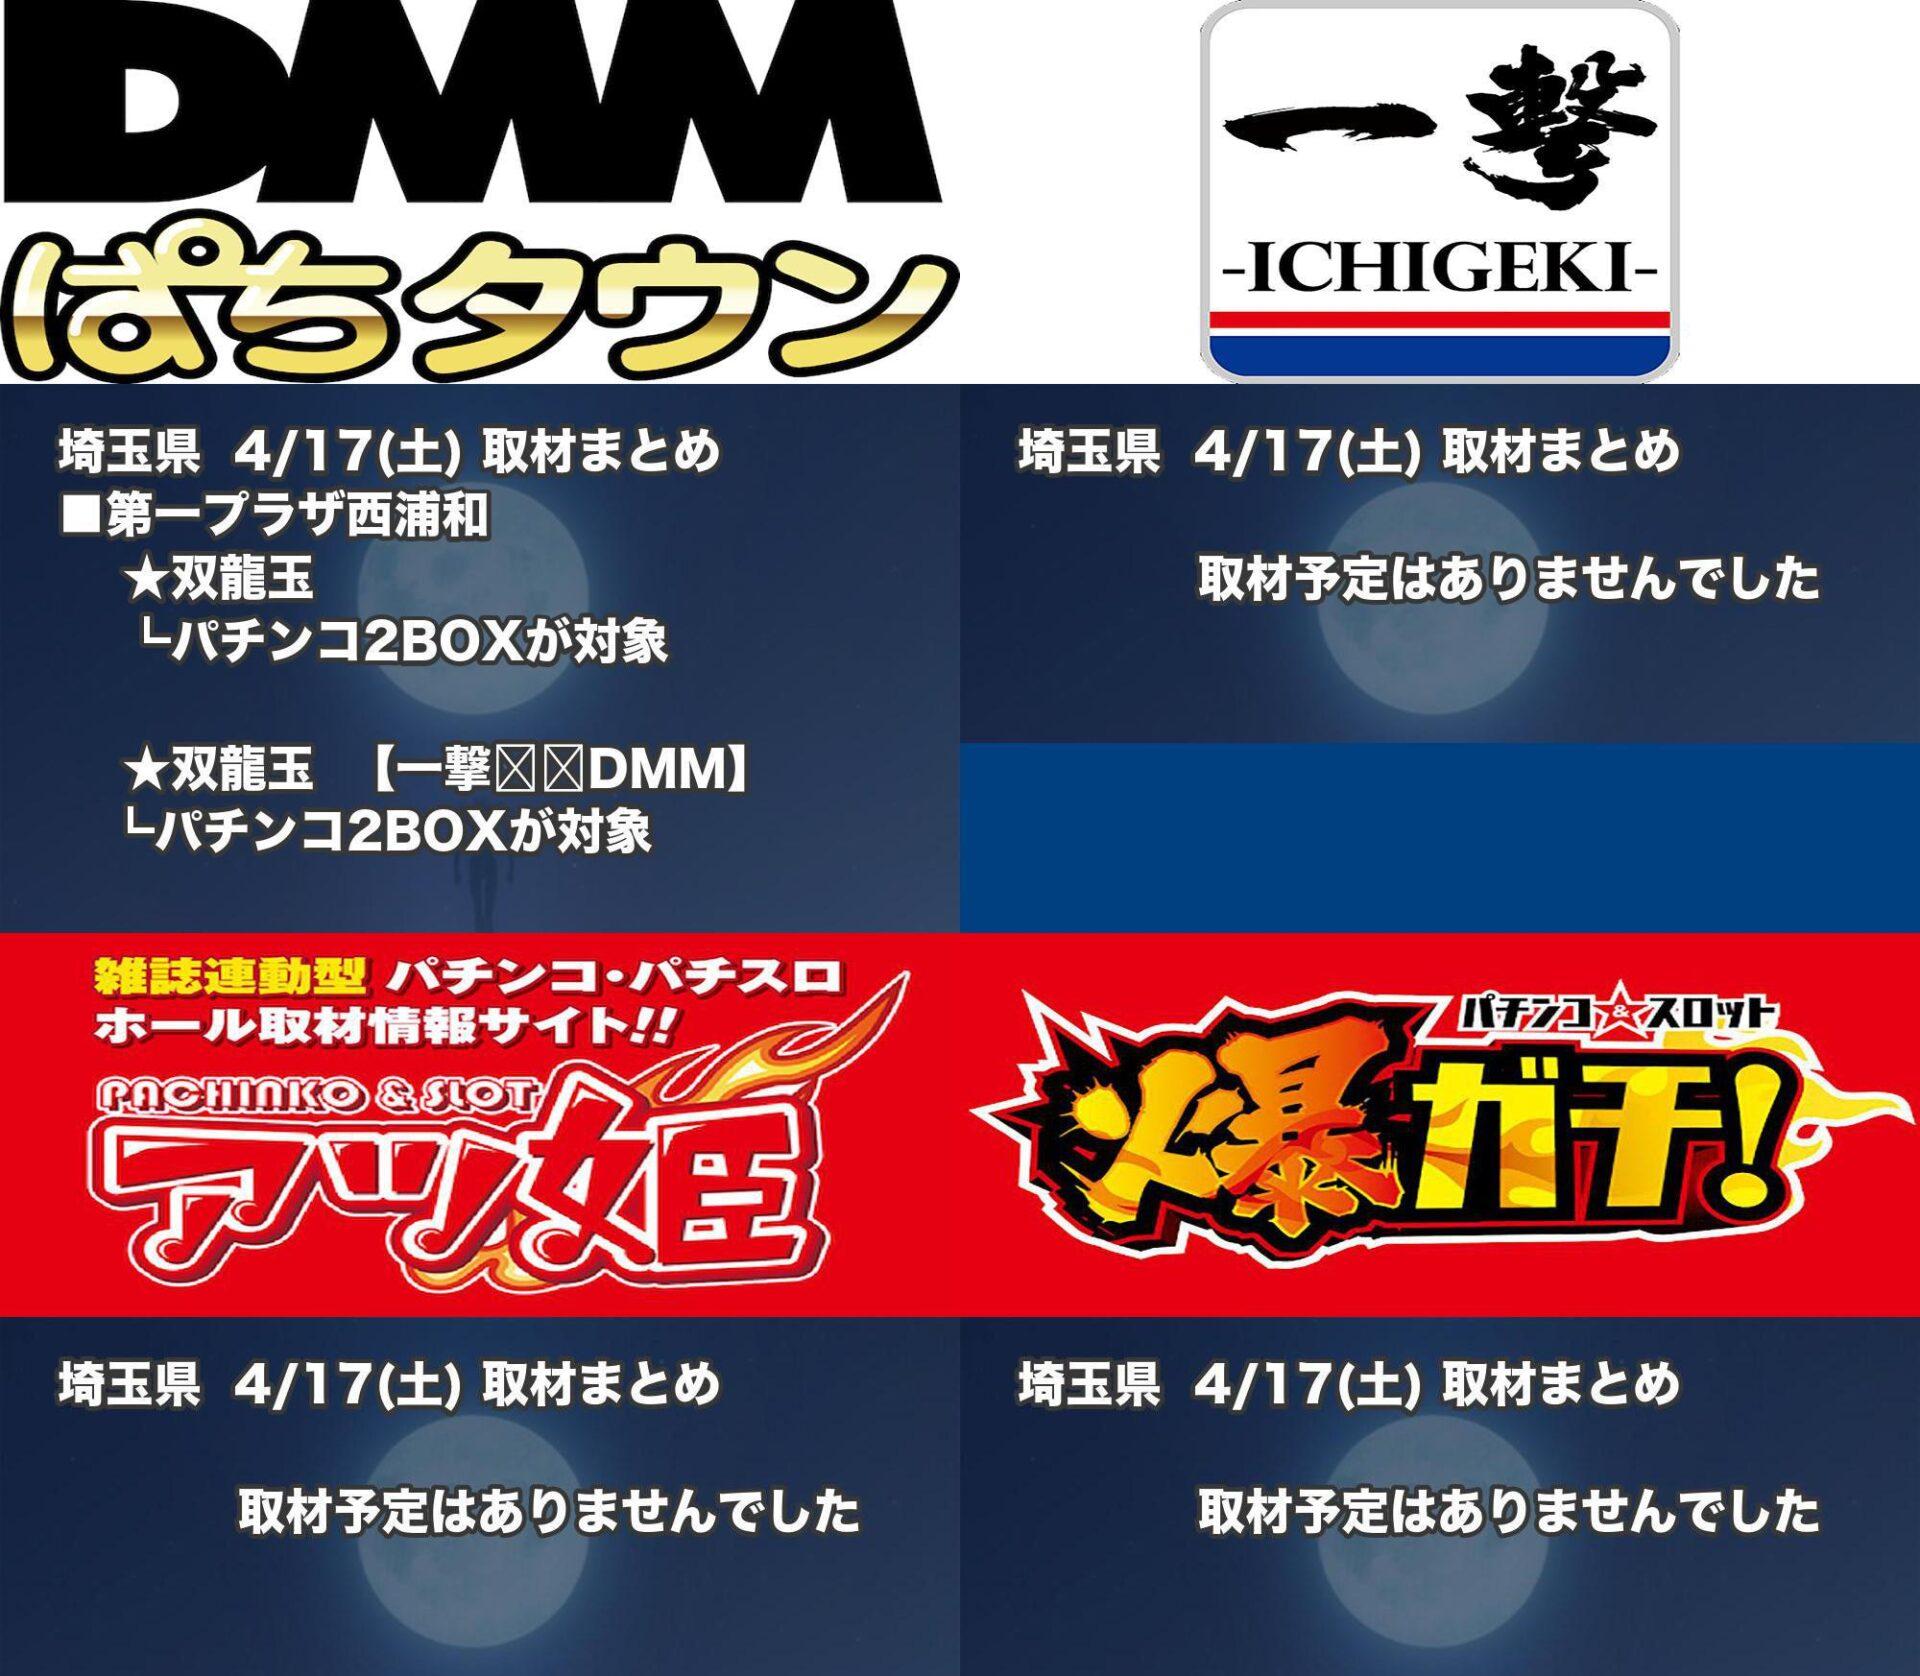 埼玉県_2021-04-17_パチンコ・パチスロ